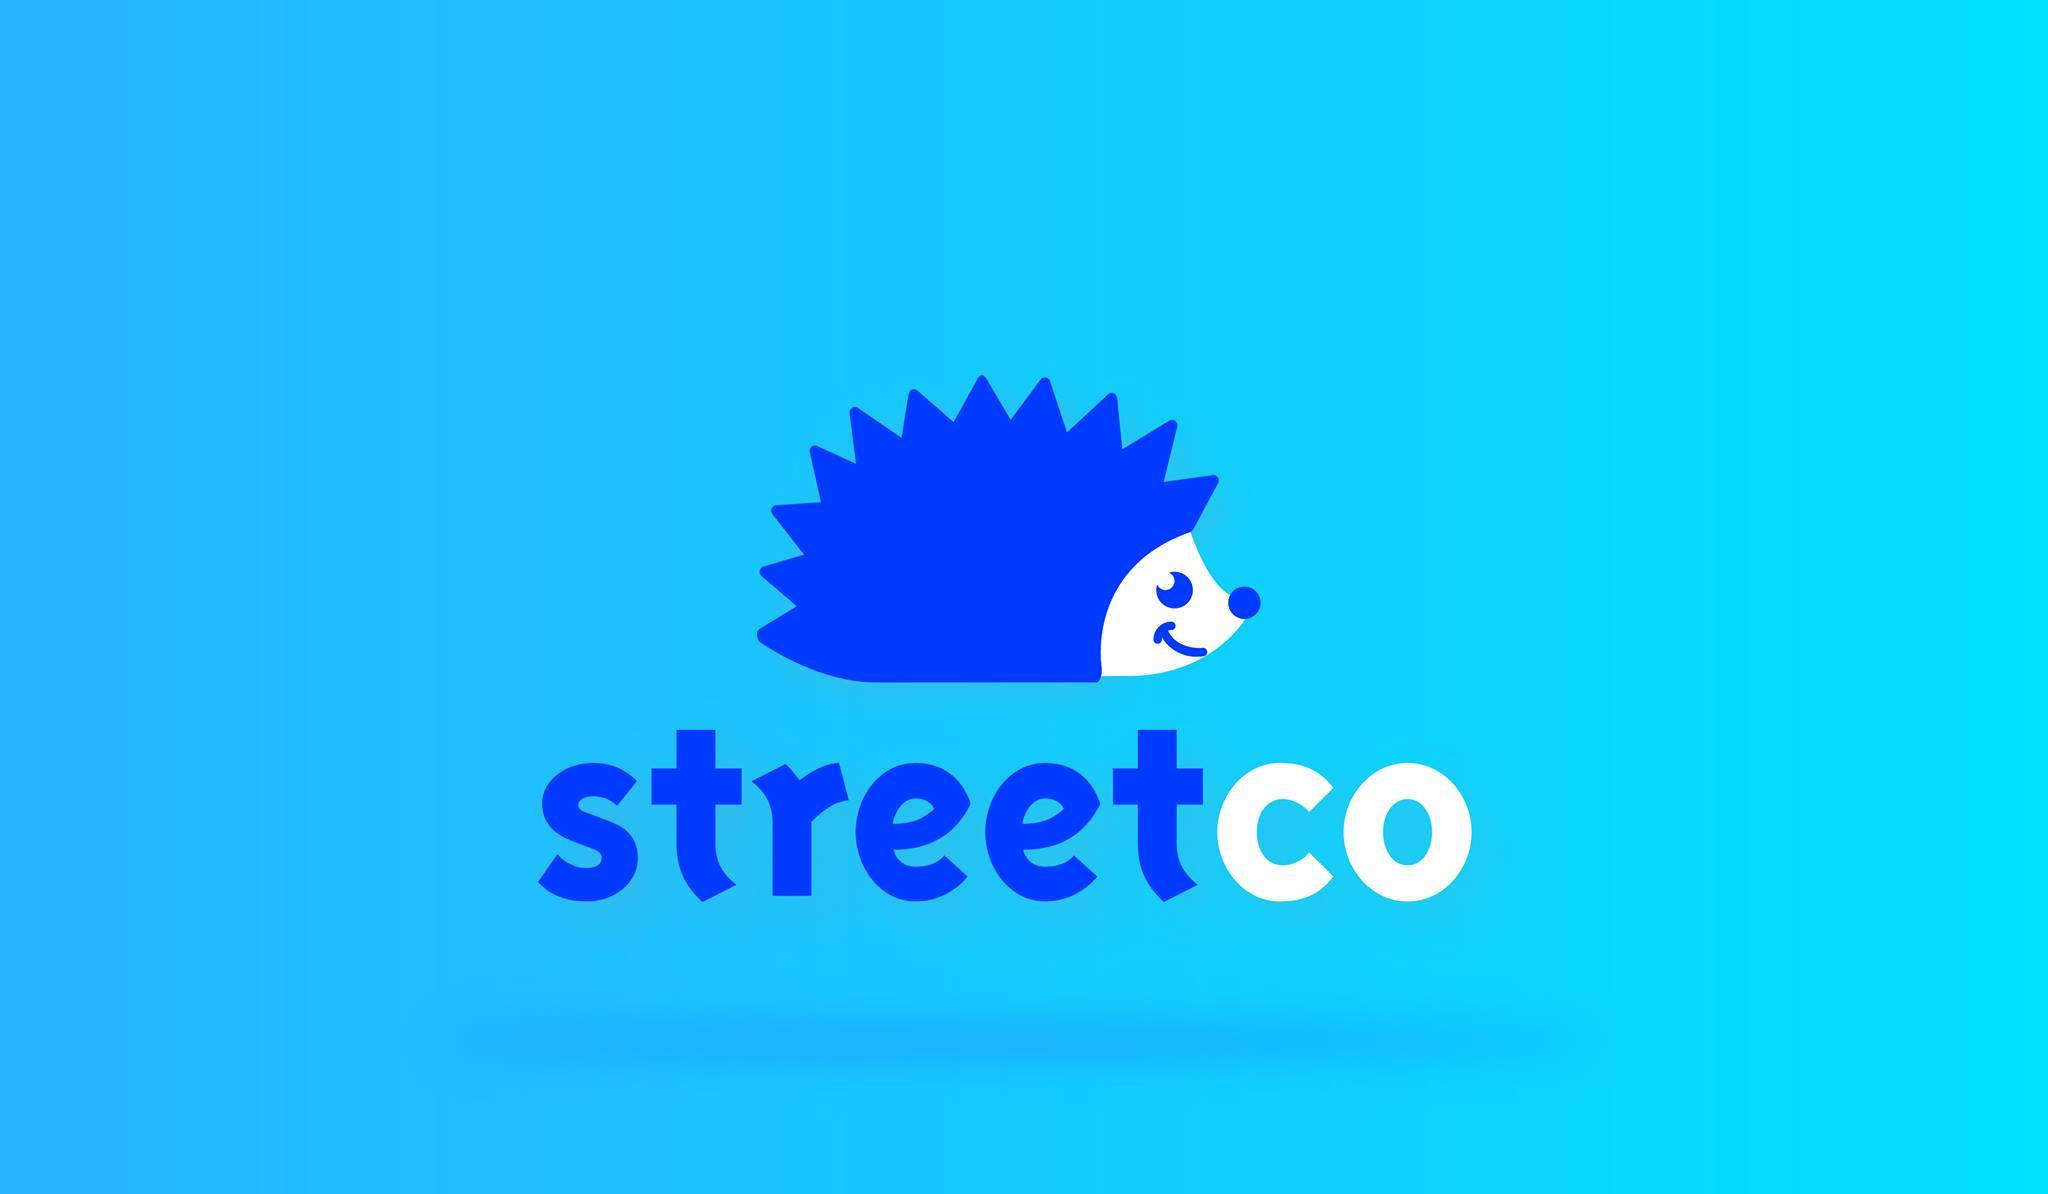 Streetco est le premier GPS piéton adapté aux déplacements des personnes à mobilité réduite. Streetco indique l'itinéraire le plus adapté et le plus accessible en fonction de la mobilité de son utilisateur. Totalement gratuit et collaboratif, l'app streetco est mise à jour en temps réel par la communauté. Signalez en quelques clics les obstacles (permanents et temporaires) que vous rencontrez sur la voirie et identifiez les lieux accessibles à proximité de votre position.